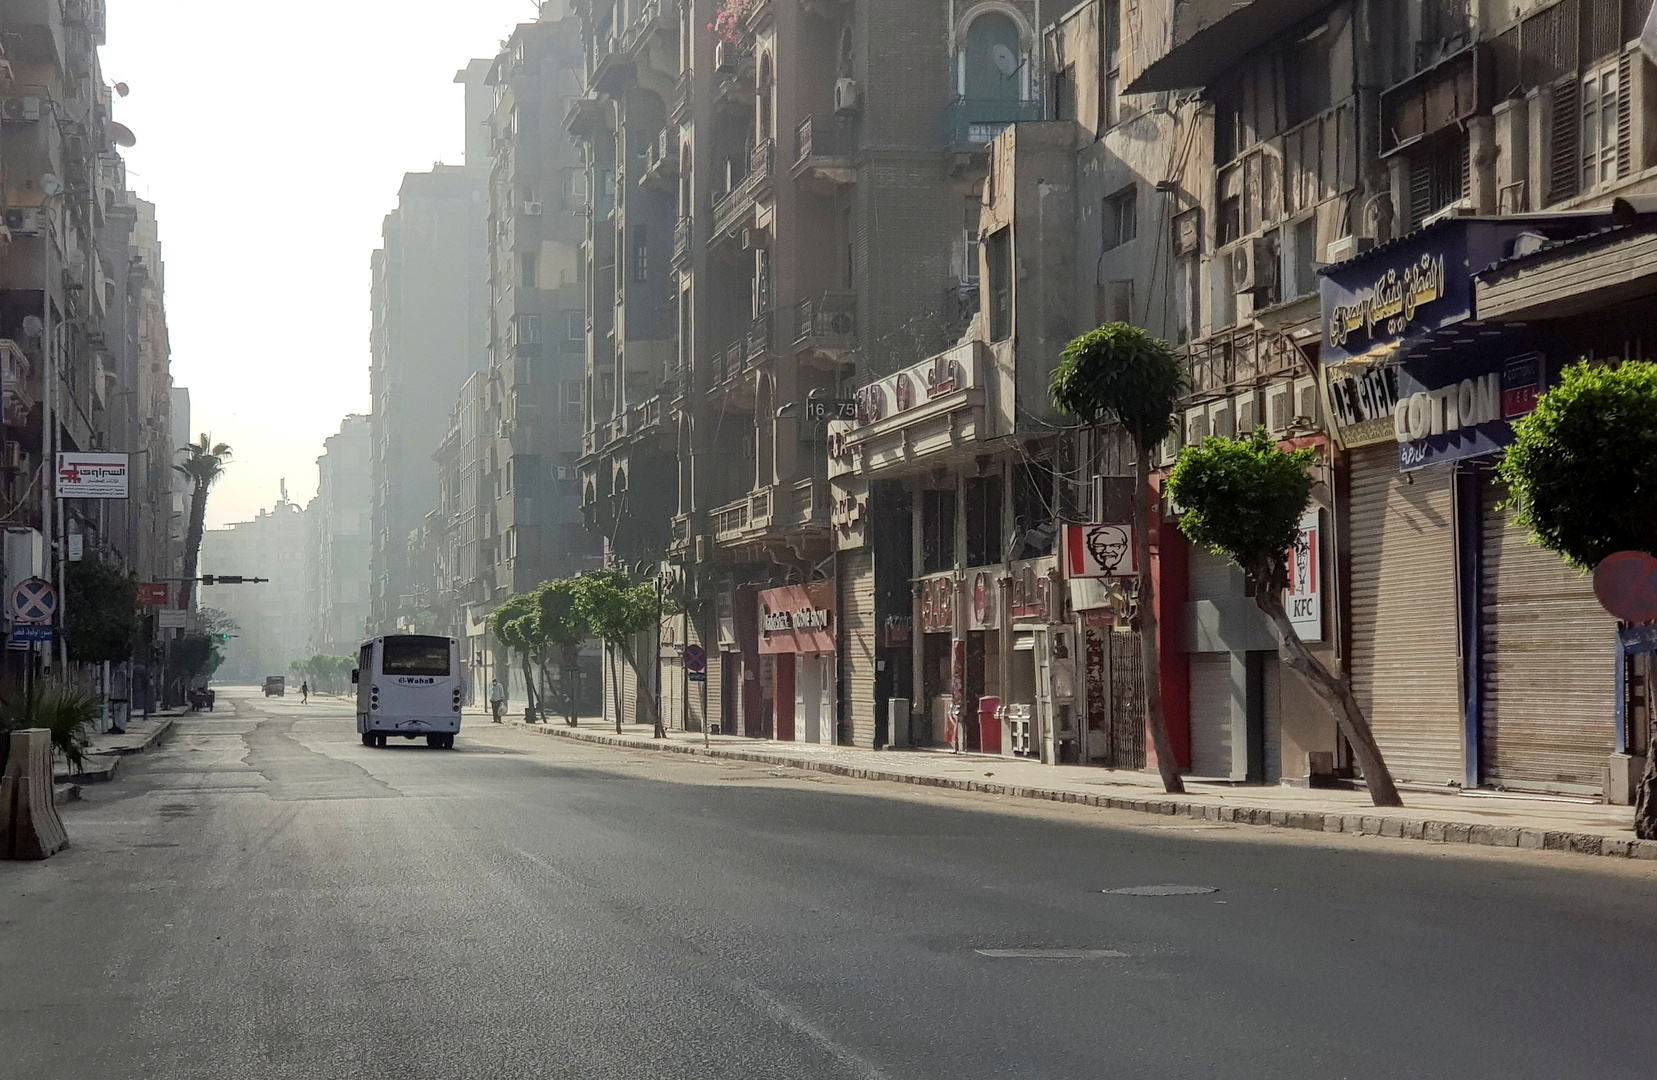 الأرصاد الجوية المصرية تحذر المواطنين